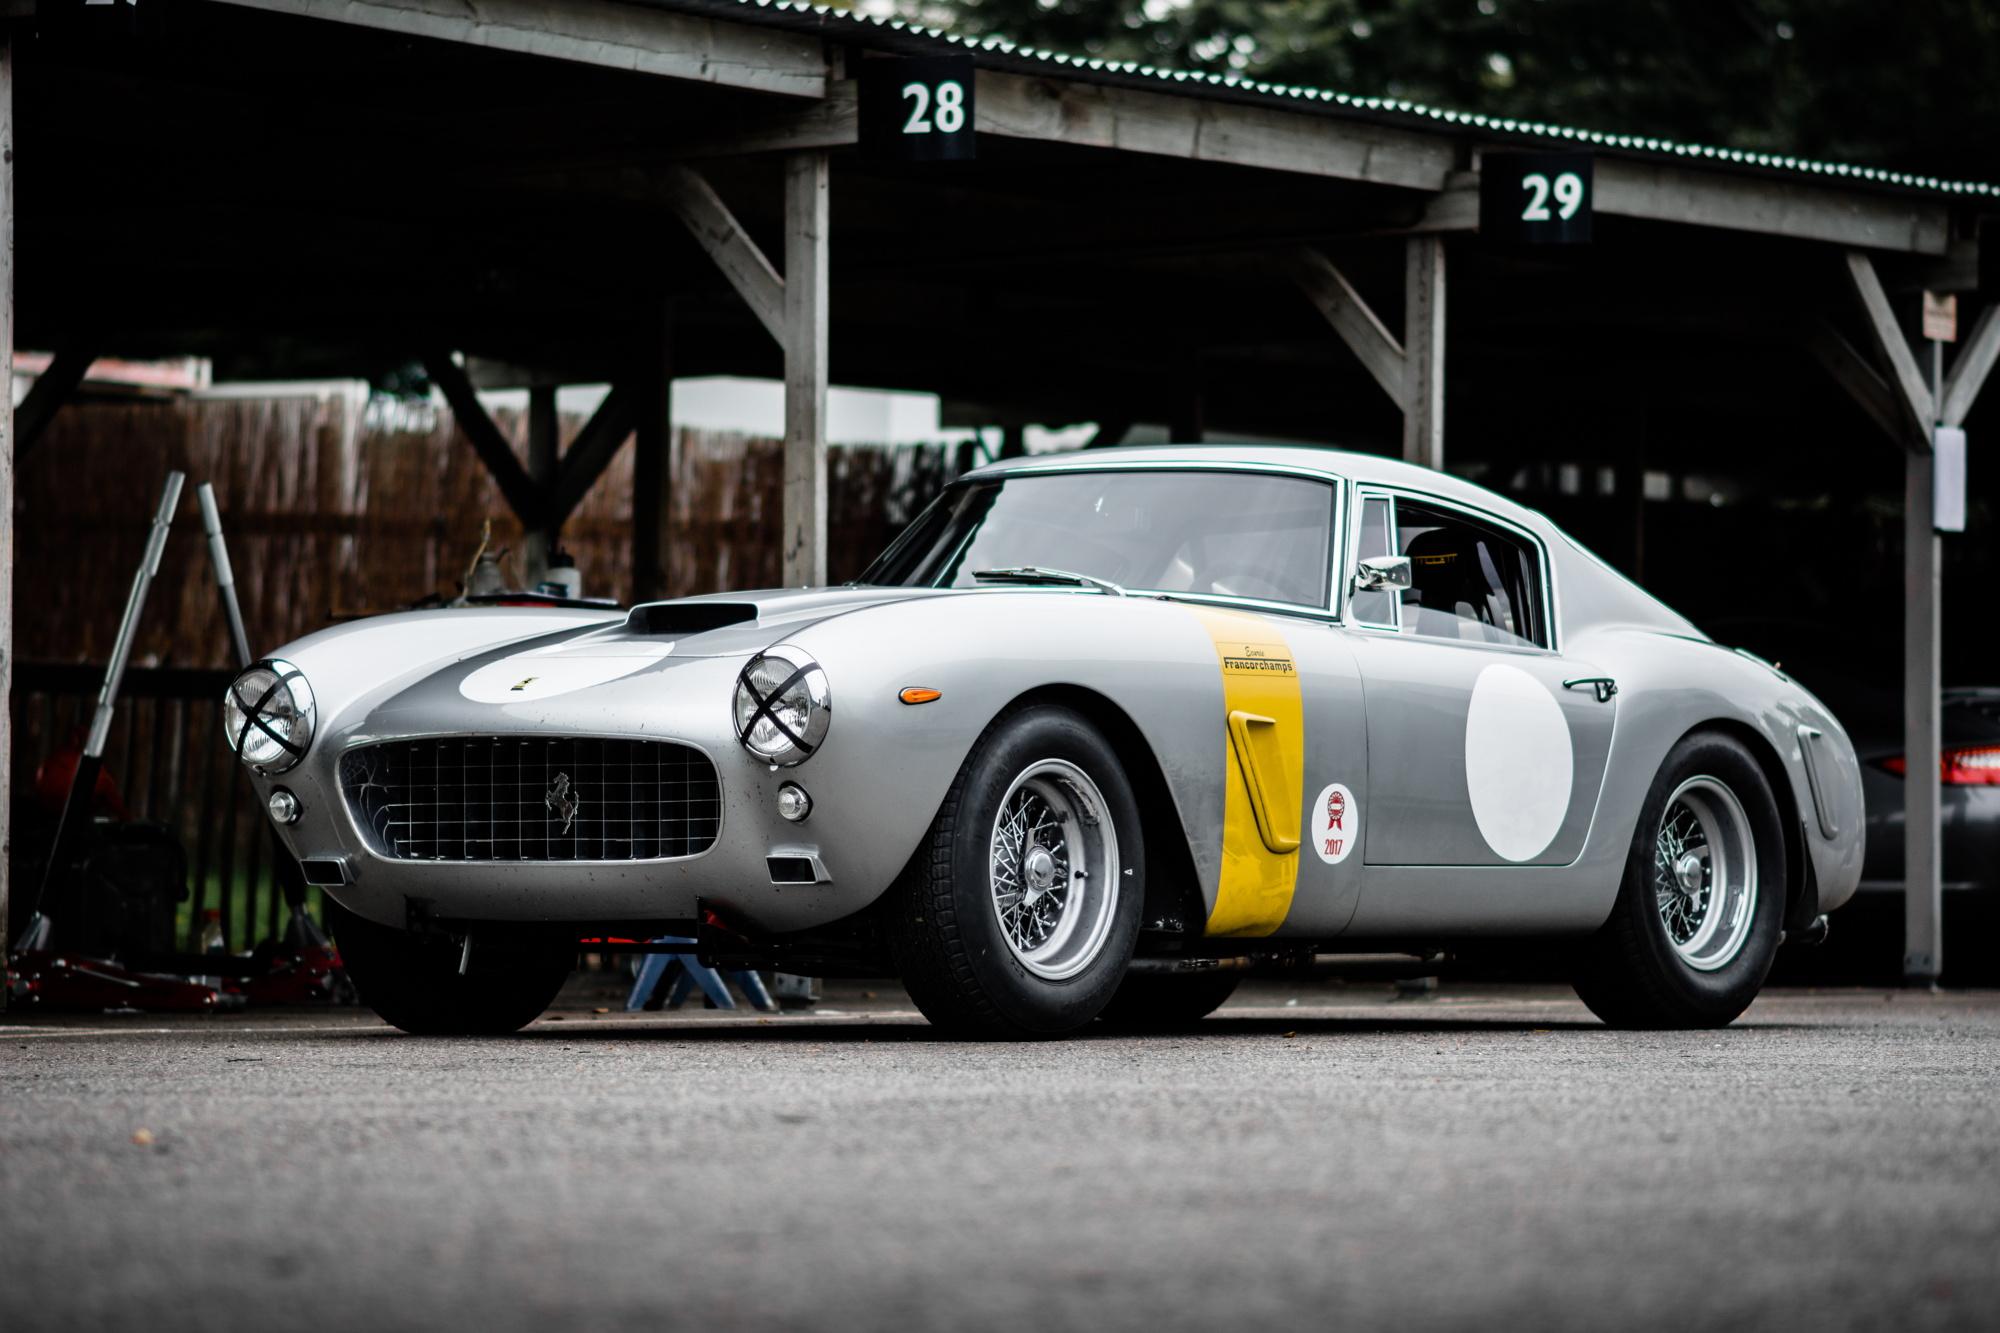 Ferrari 250 GT SWB Goodwood Revival testing